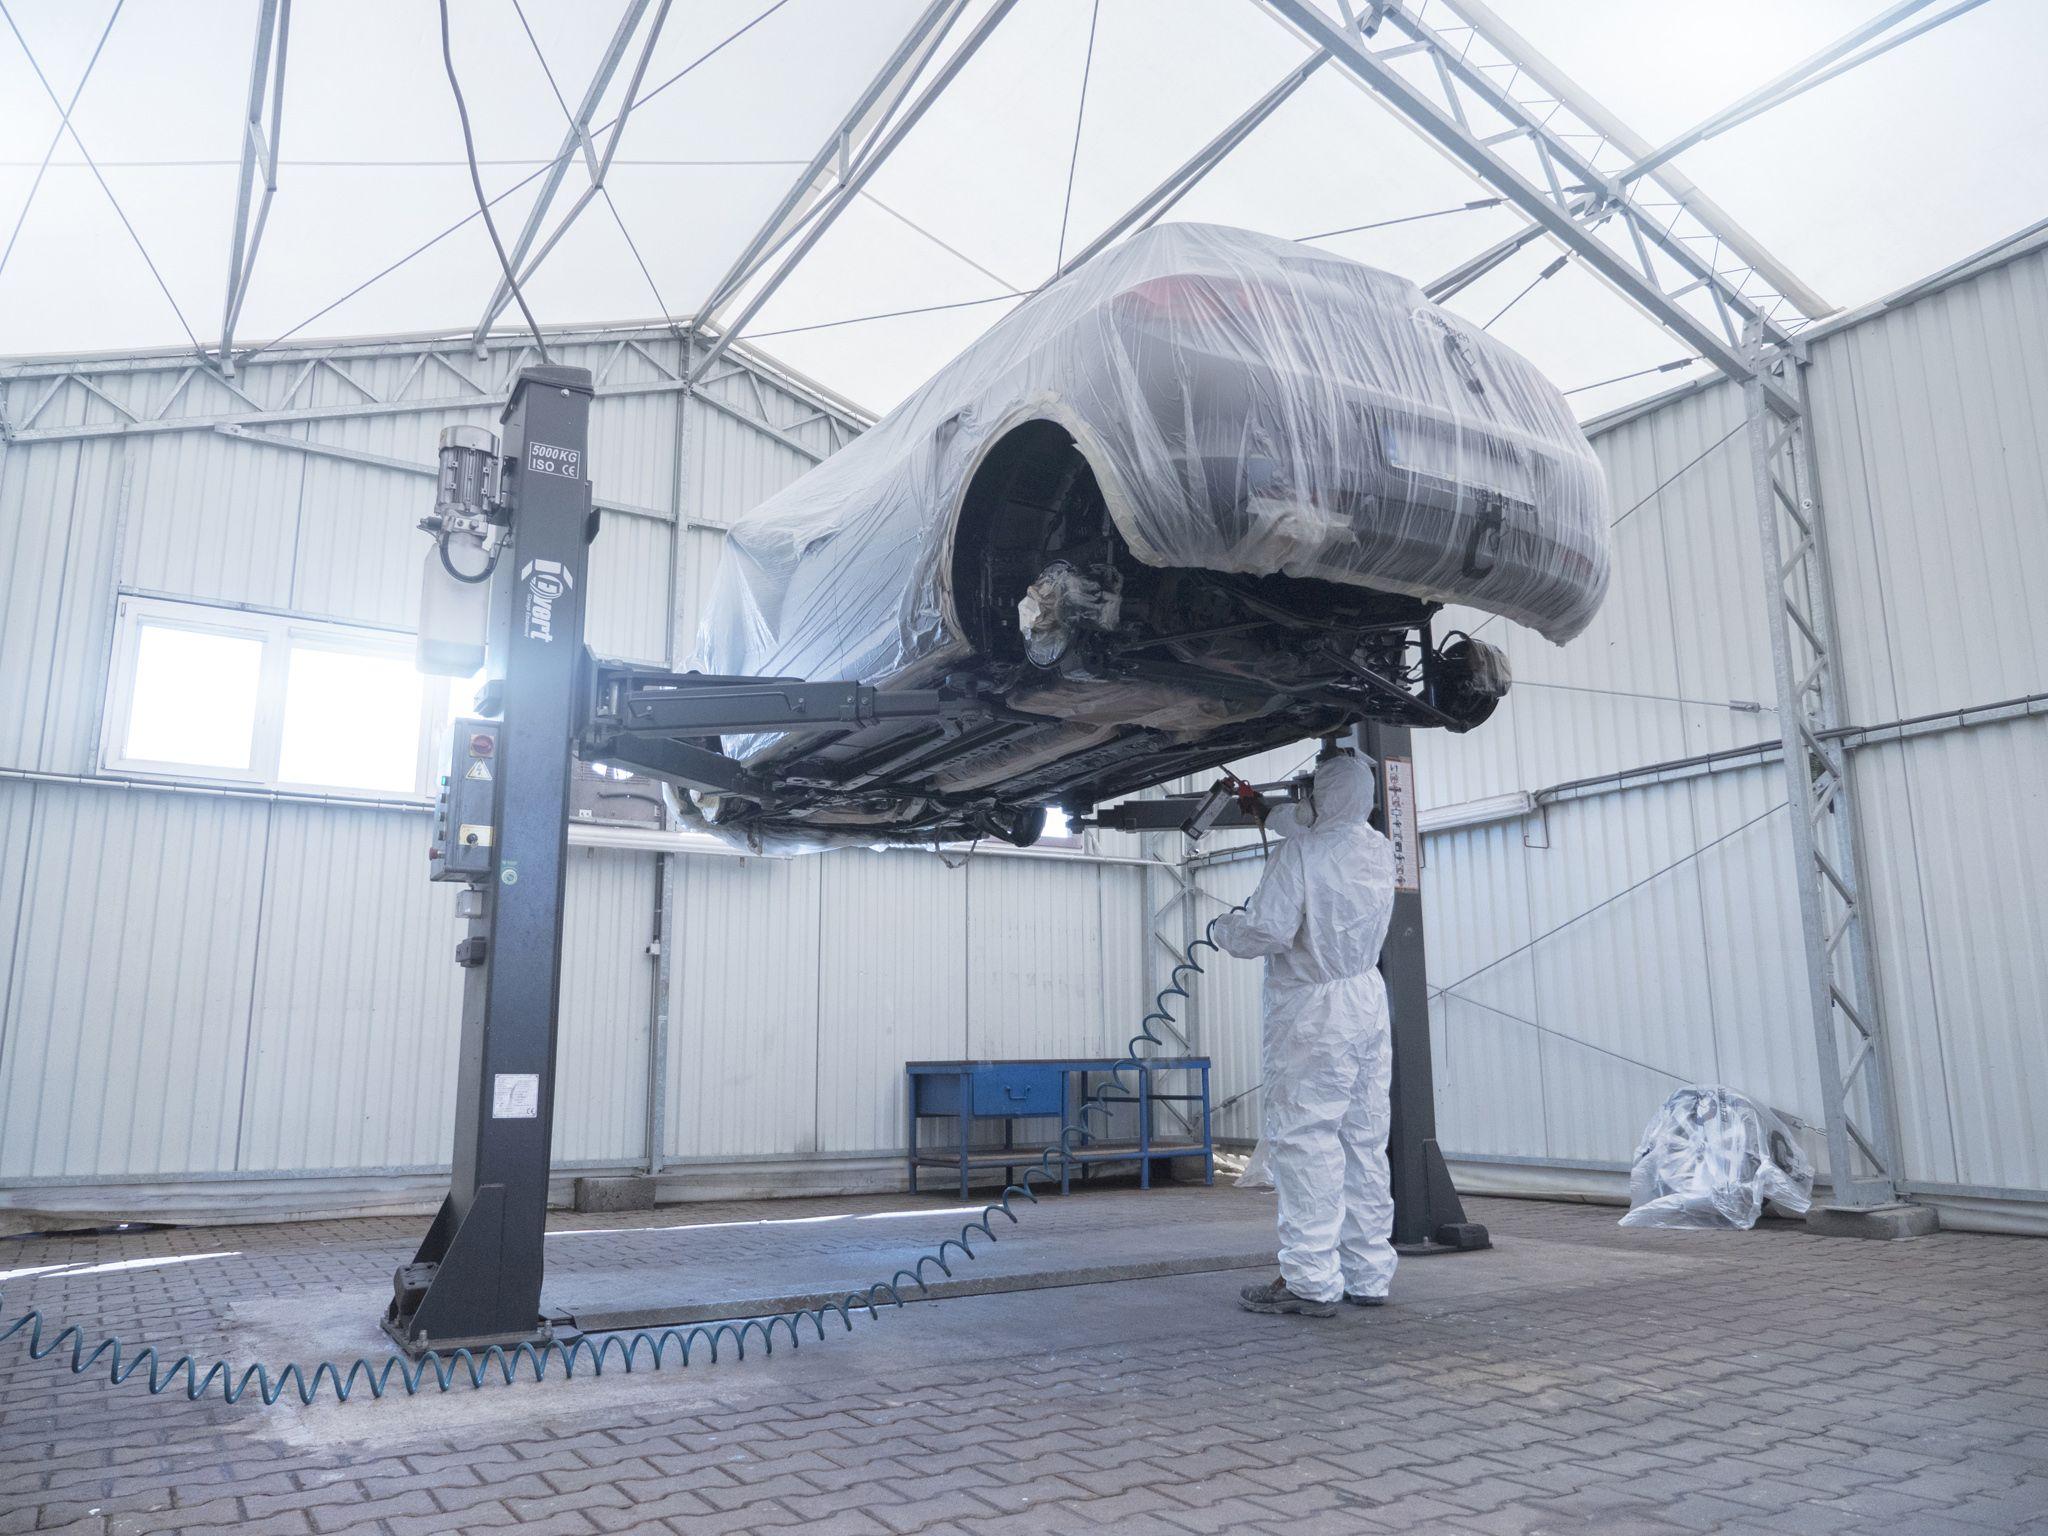 Przed zimą zadbaj o podwozie swojego samochodu!